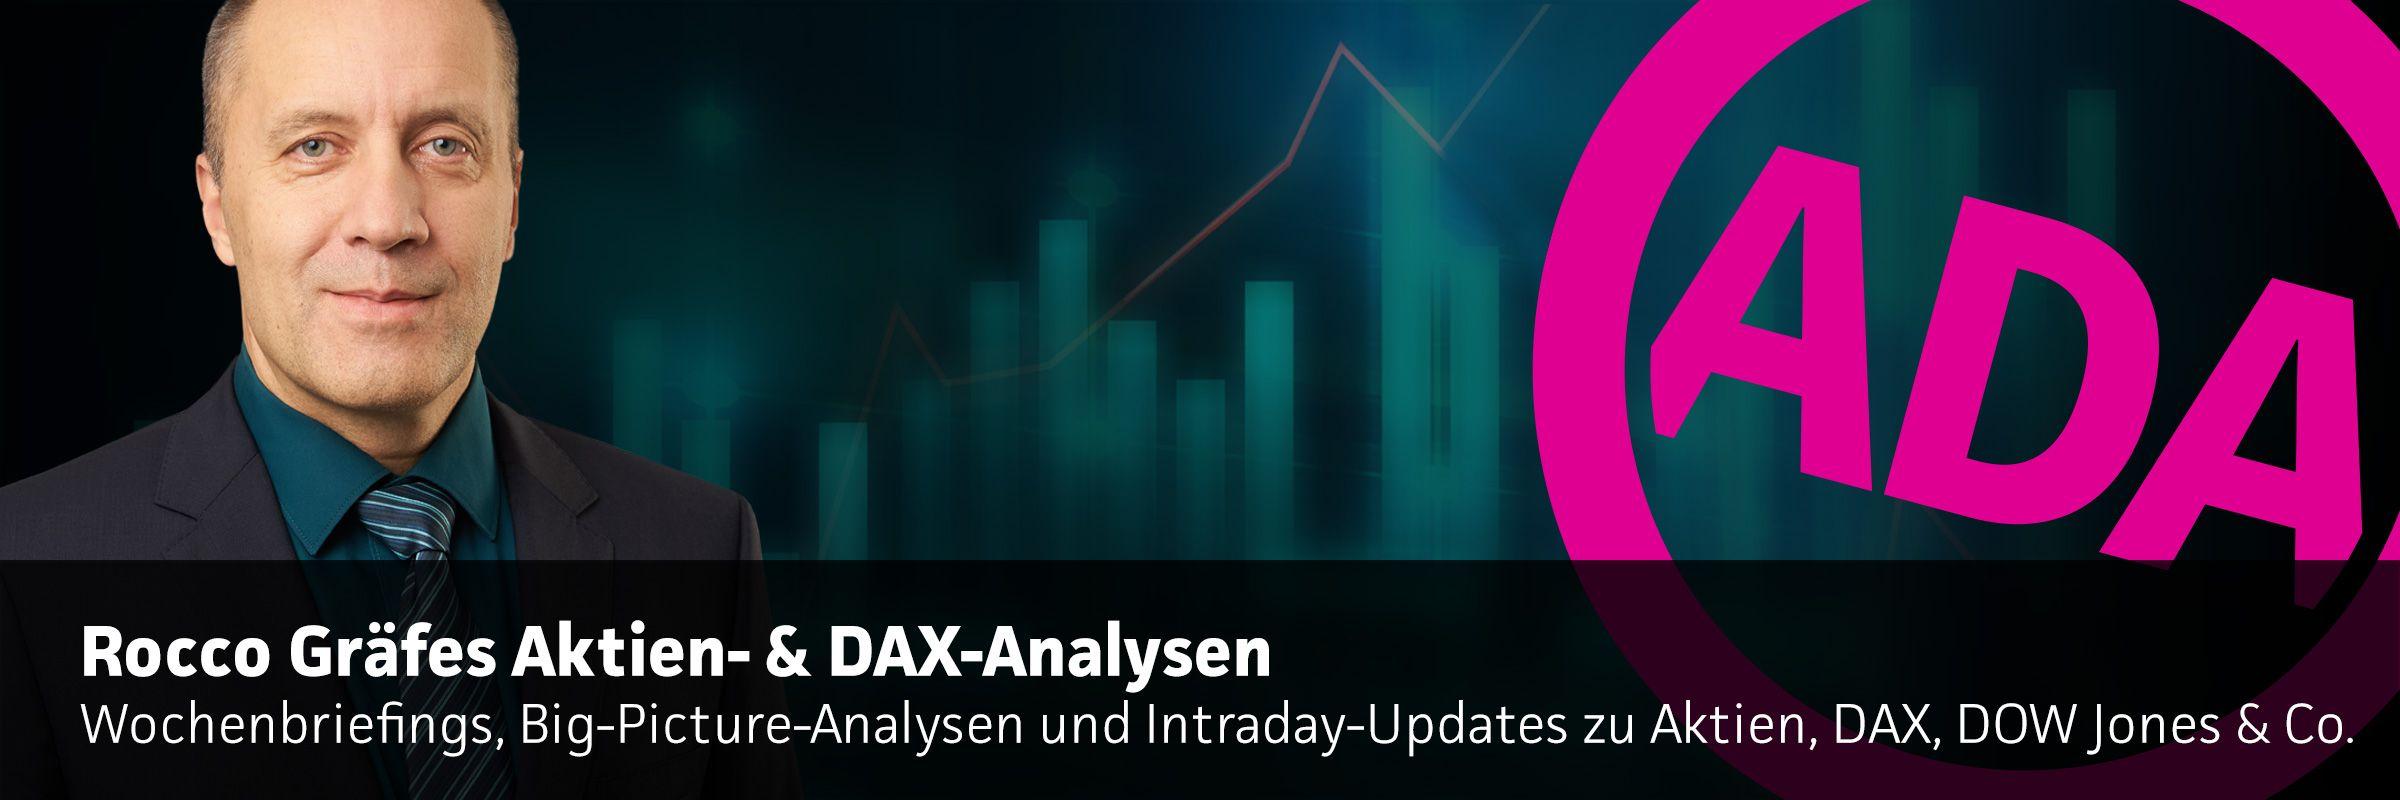 graefe-aktien-dax-analysen_header_2400